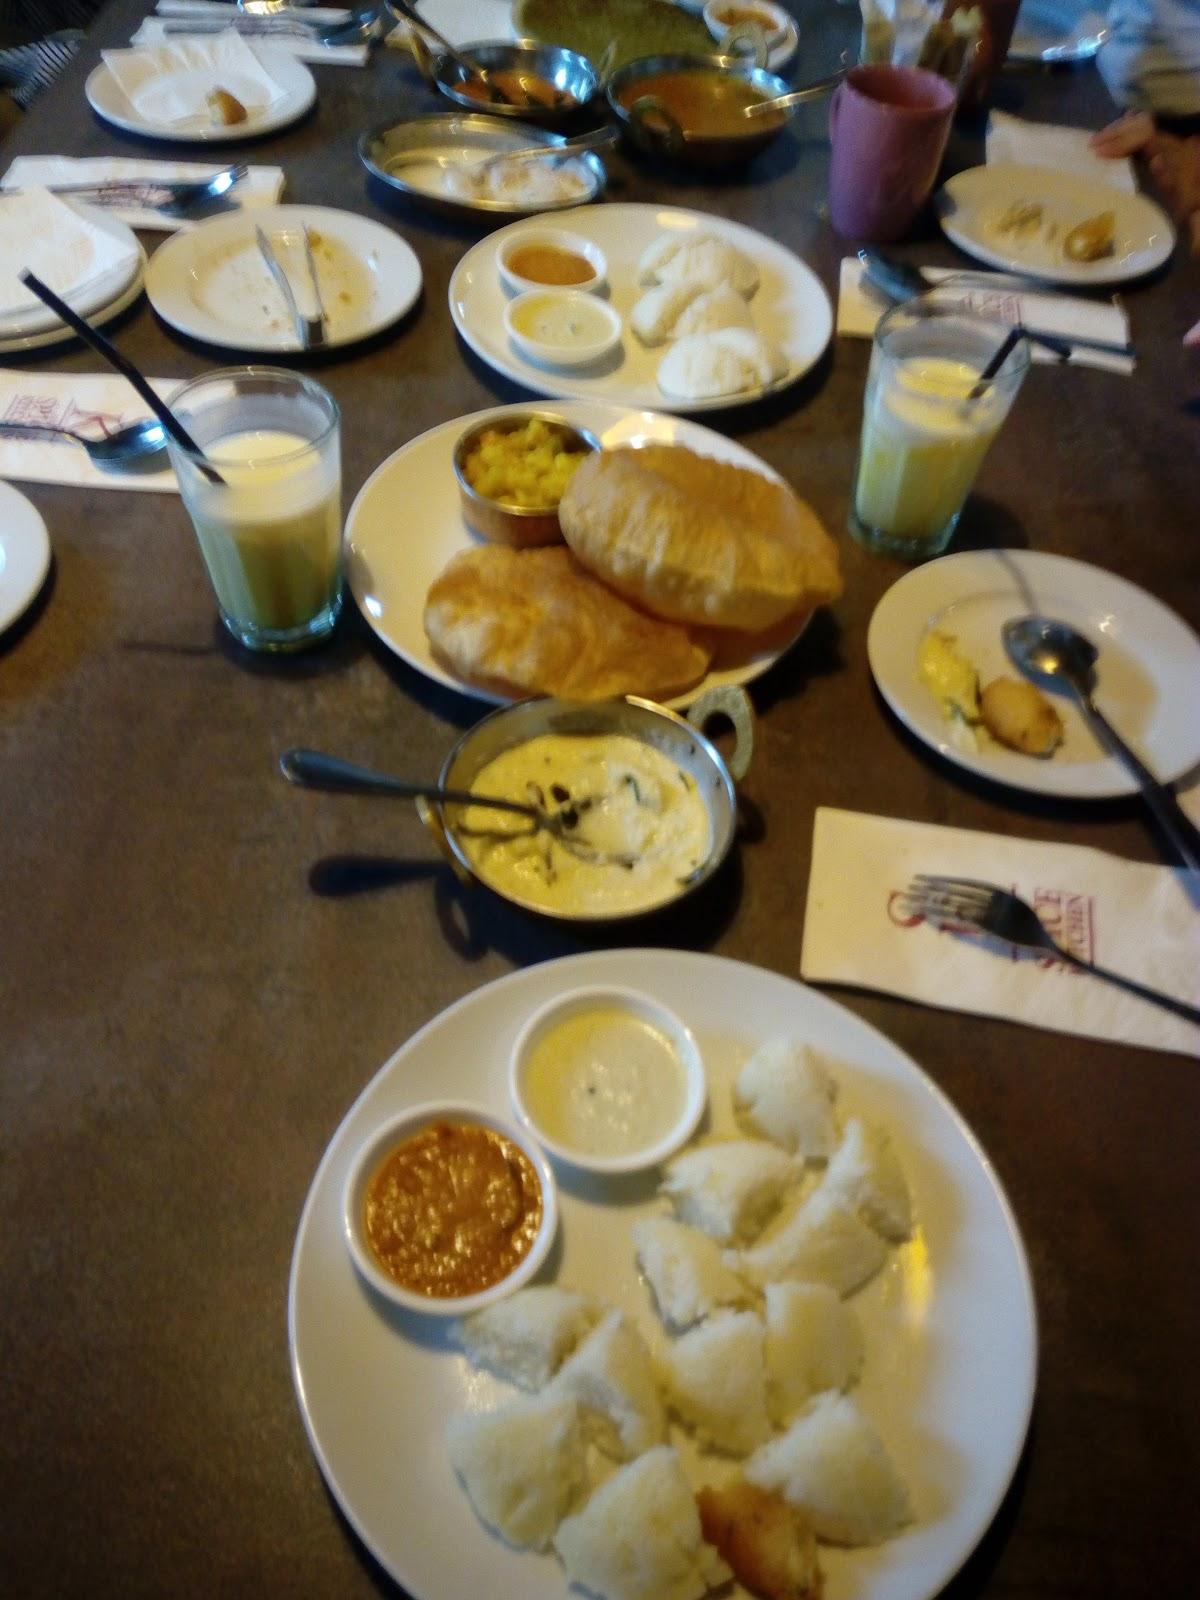 Johor Life Ͻ�ジョホール Ã�イフ~ nj�と旦那と南国暮らし Ɯ�からインド料理♪ Ǿ�味しかった